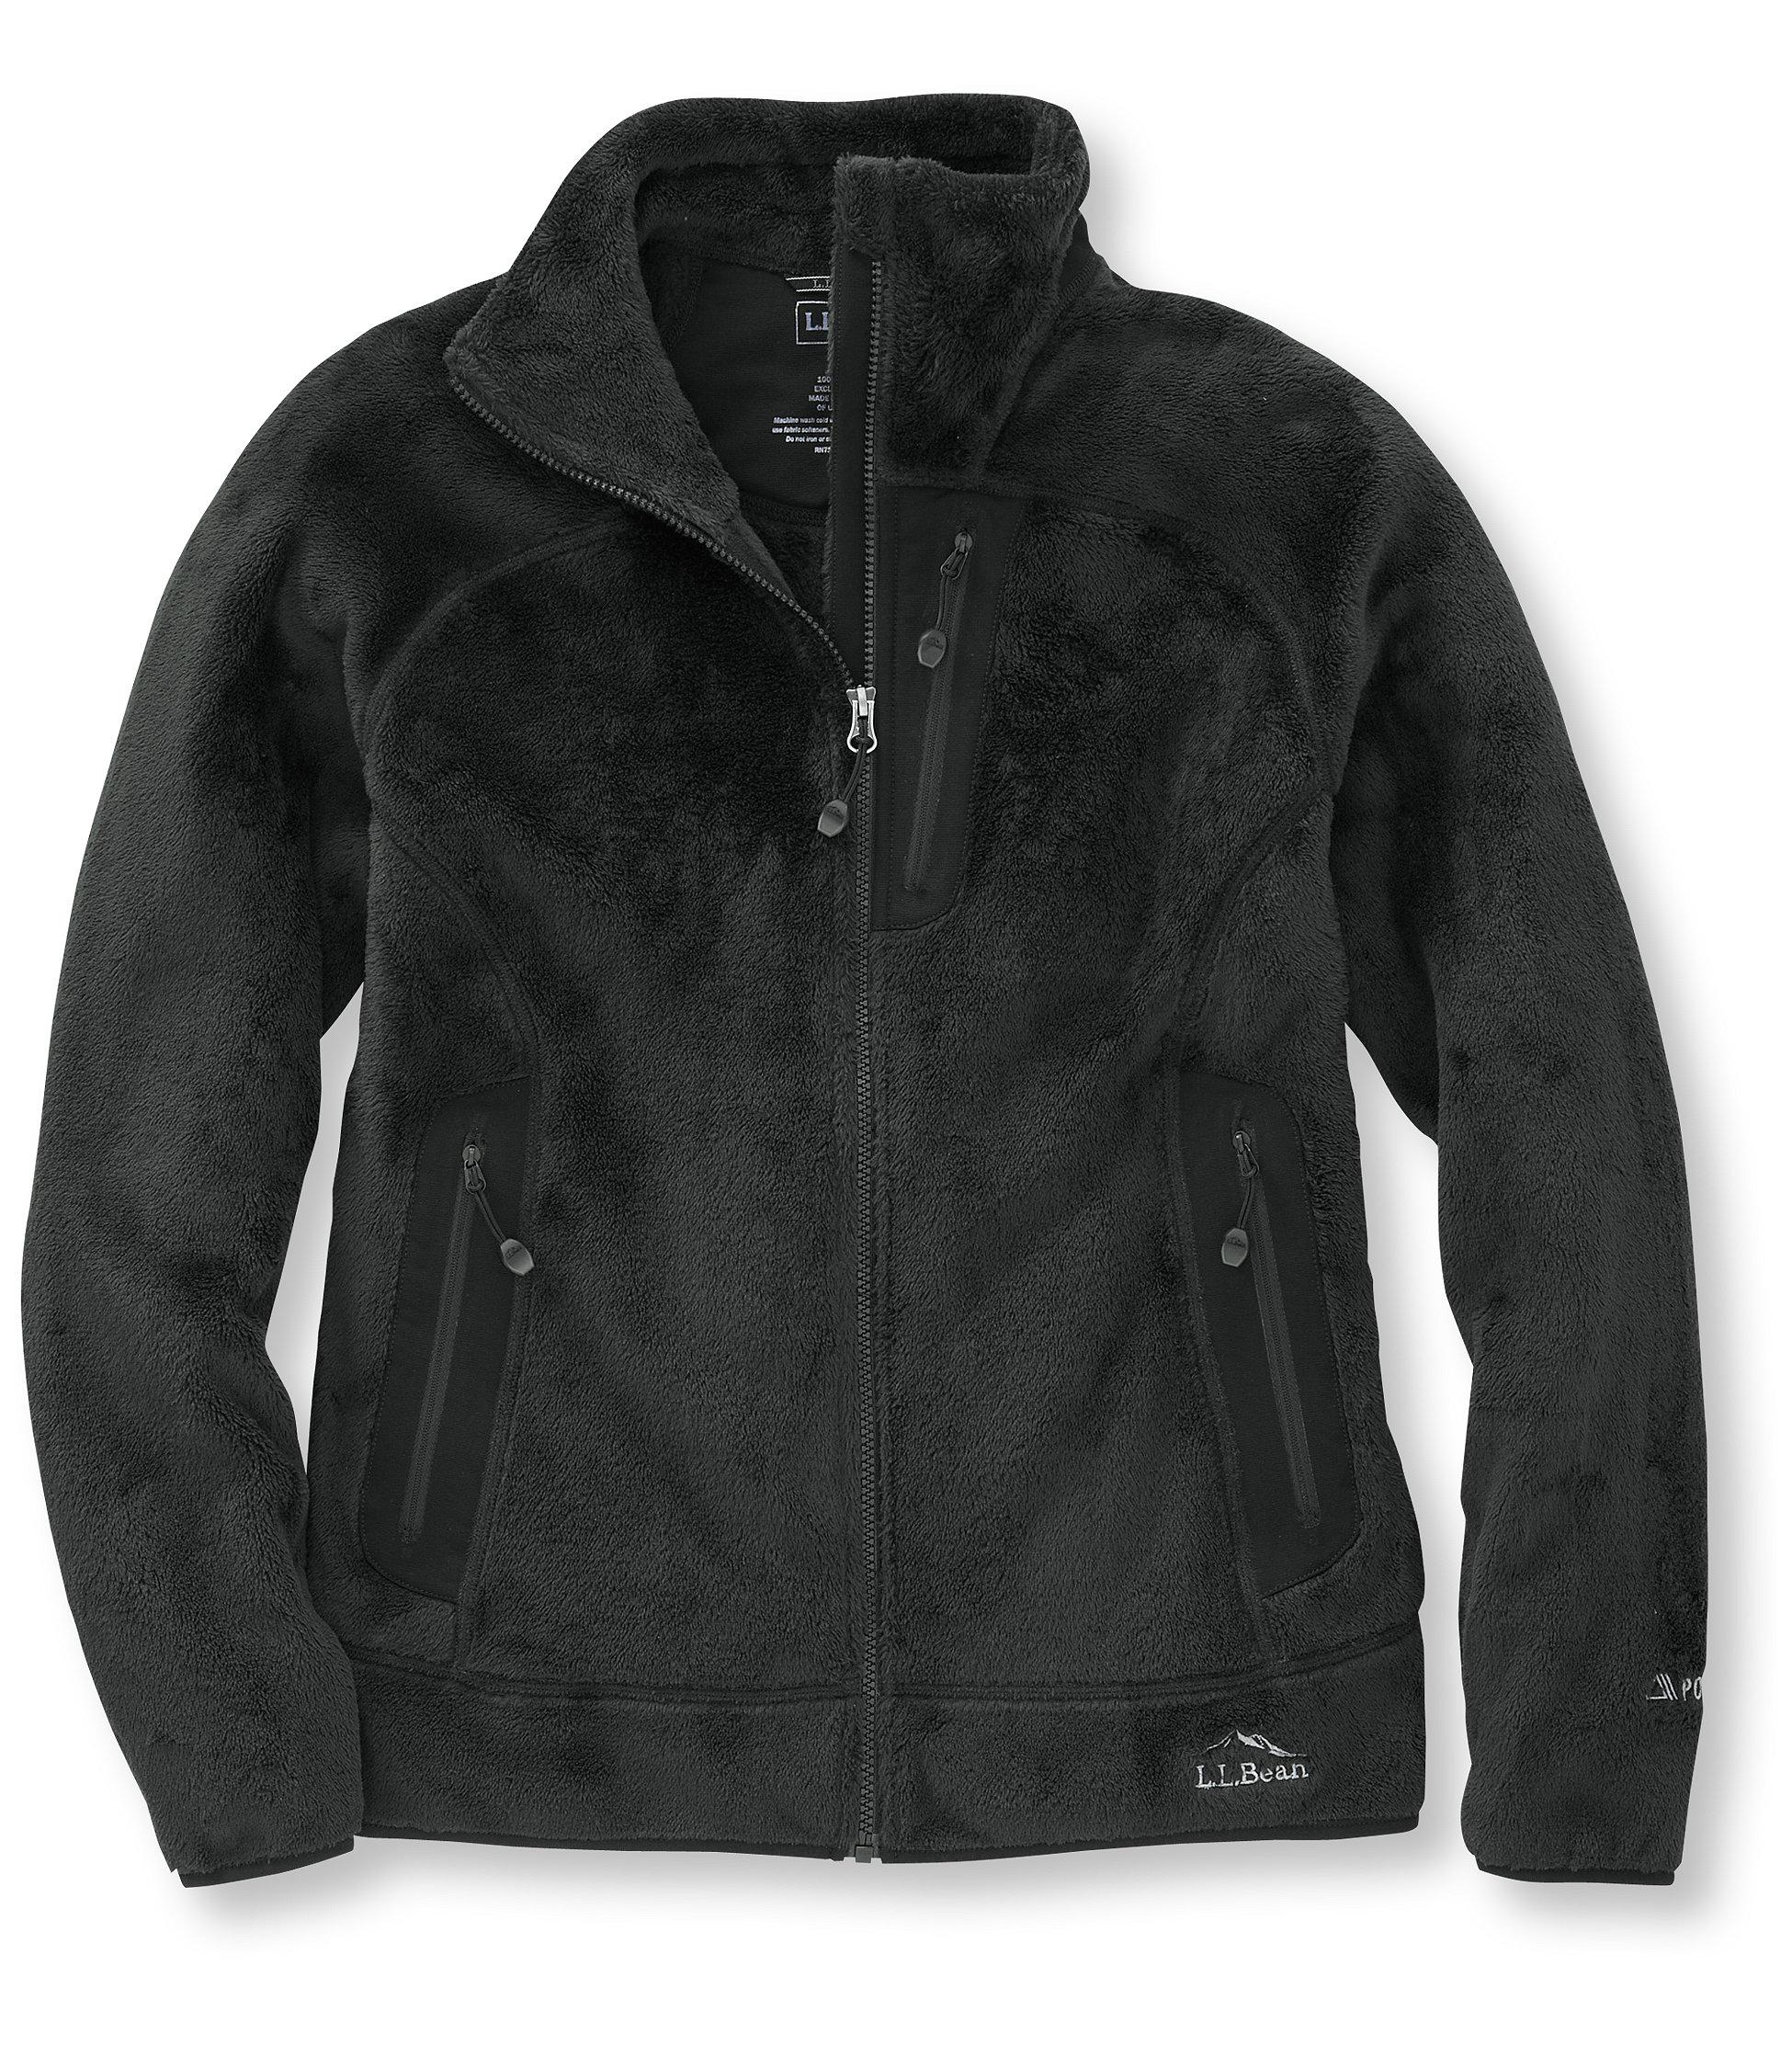 L.L.Bean Ascent Polartec Packaway Fleece Jacket